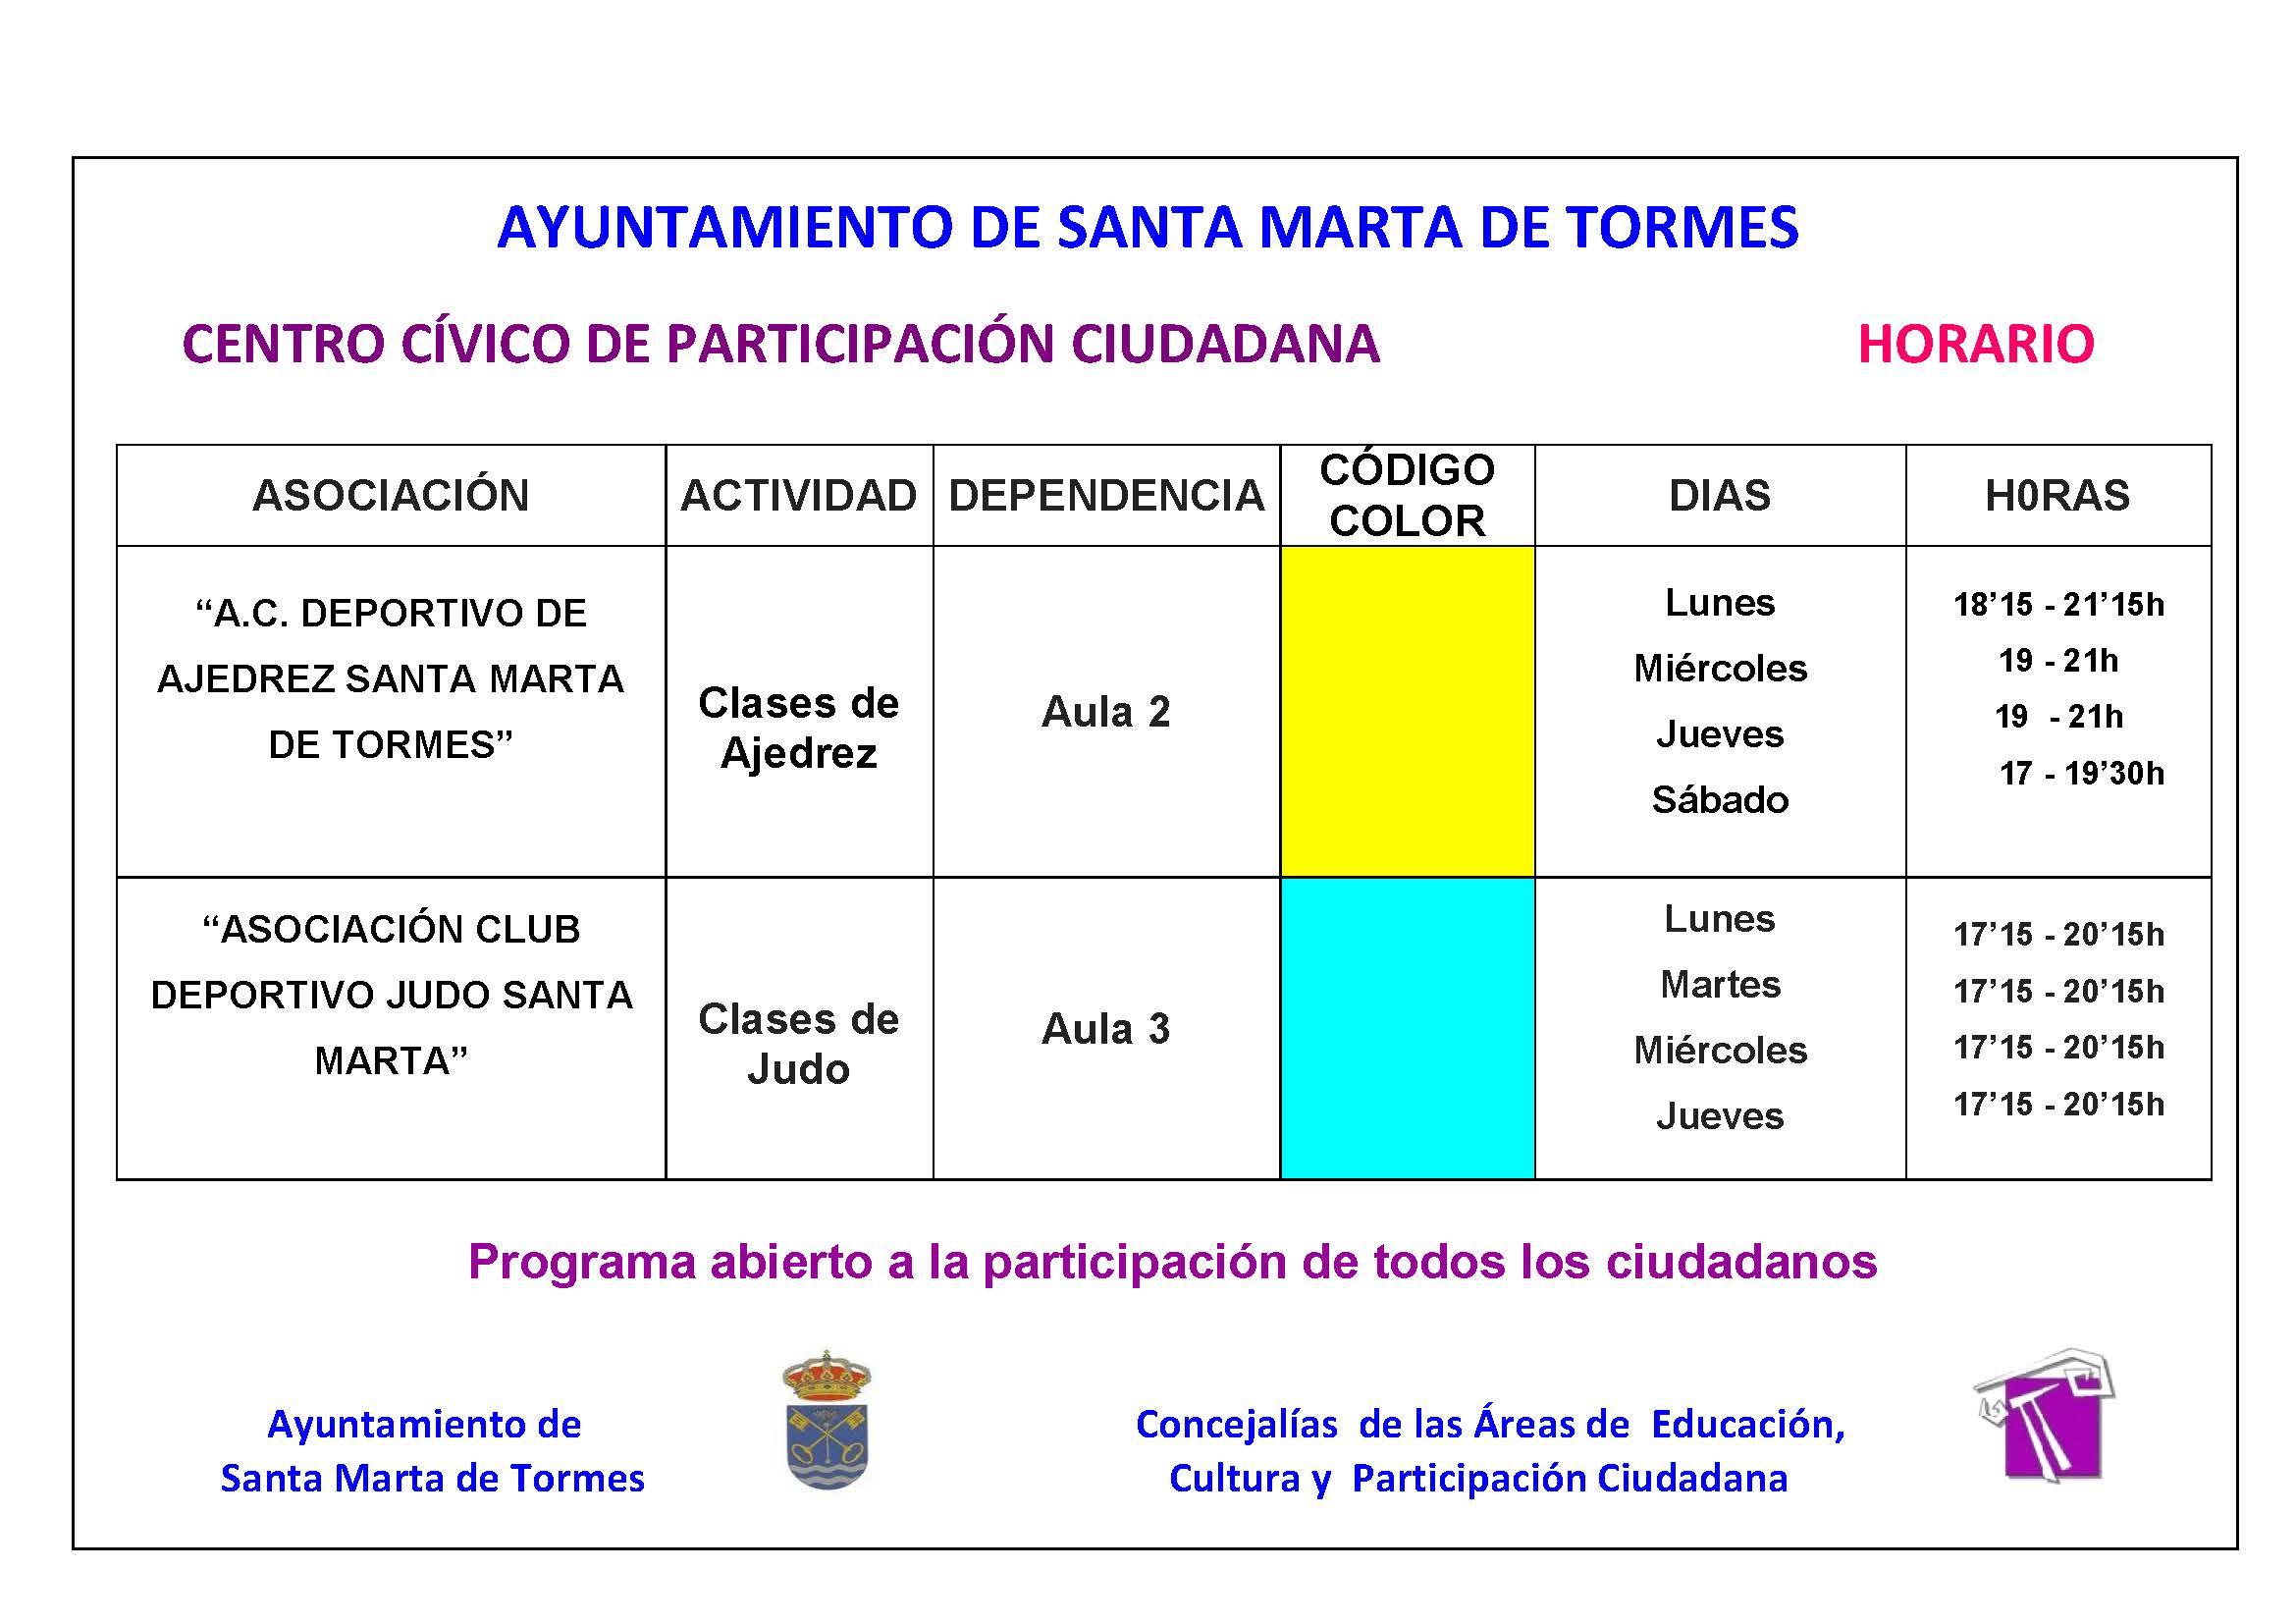 Horario de actividades del centro c vico for Horario ministerio del interior